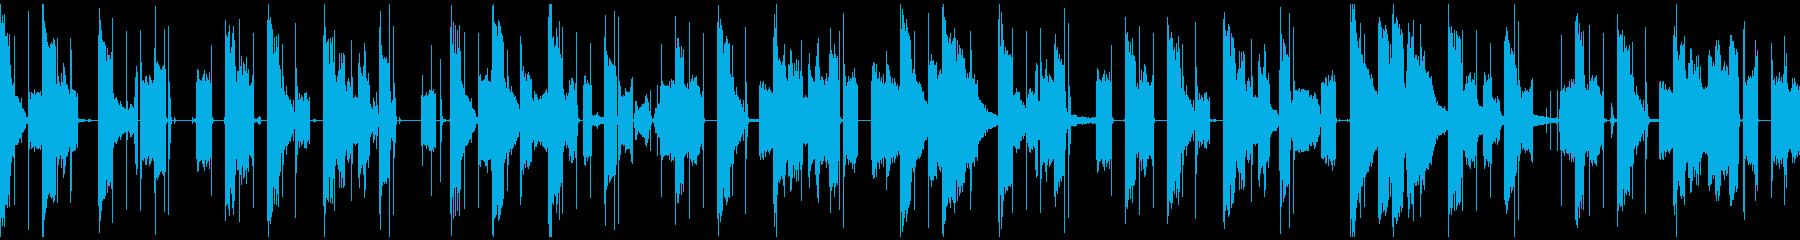 子供の声が入ったエレクトロニカループの再生済みの波形